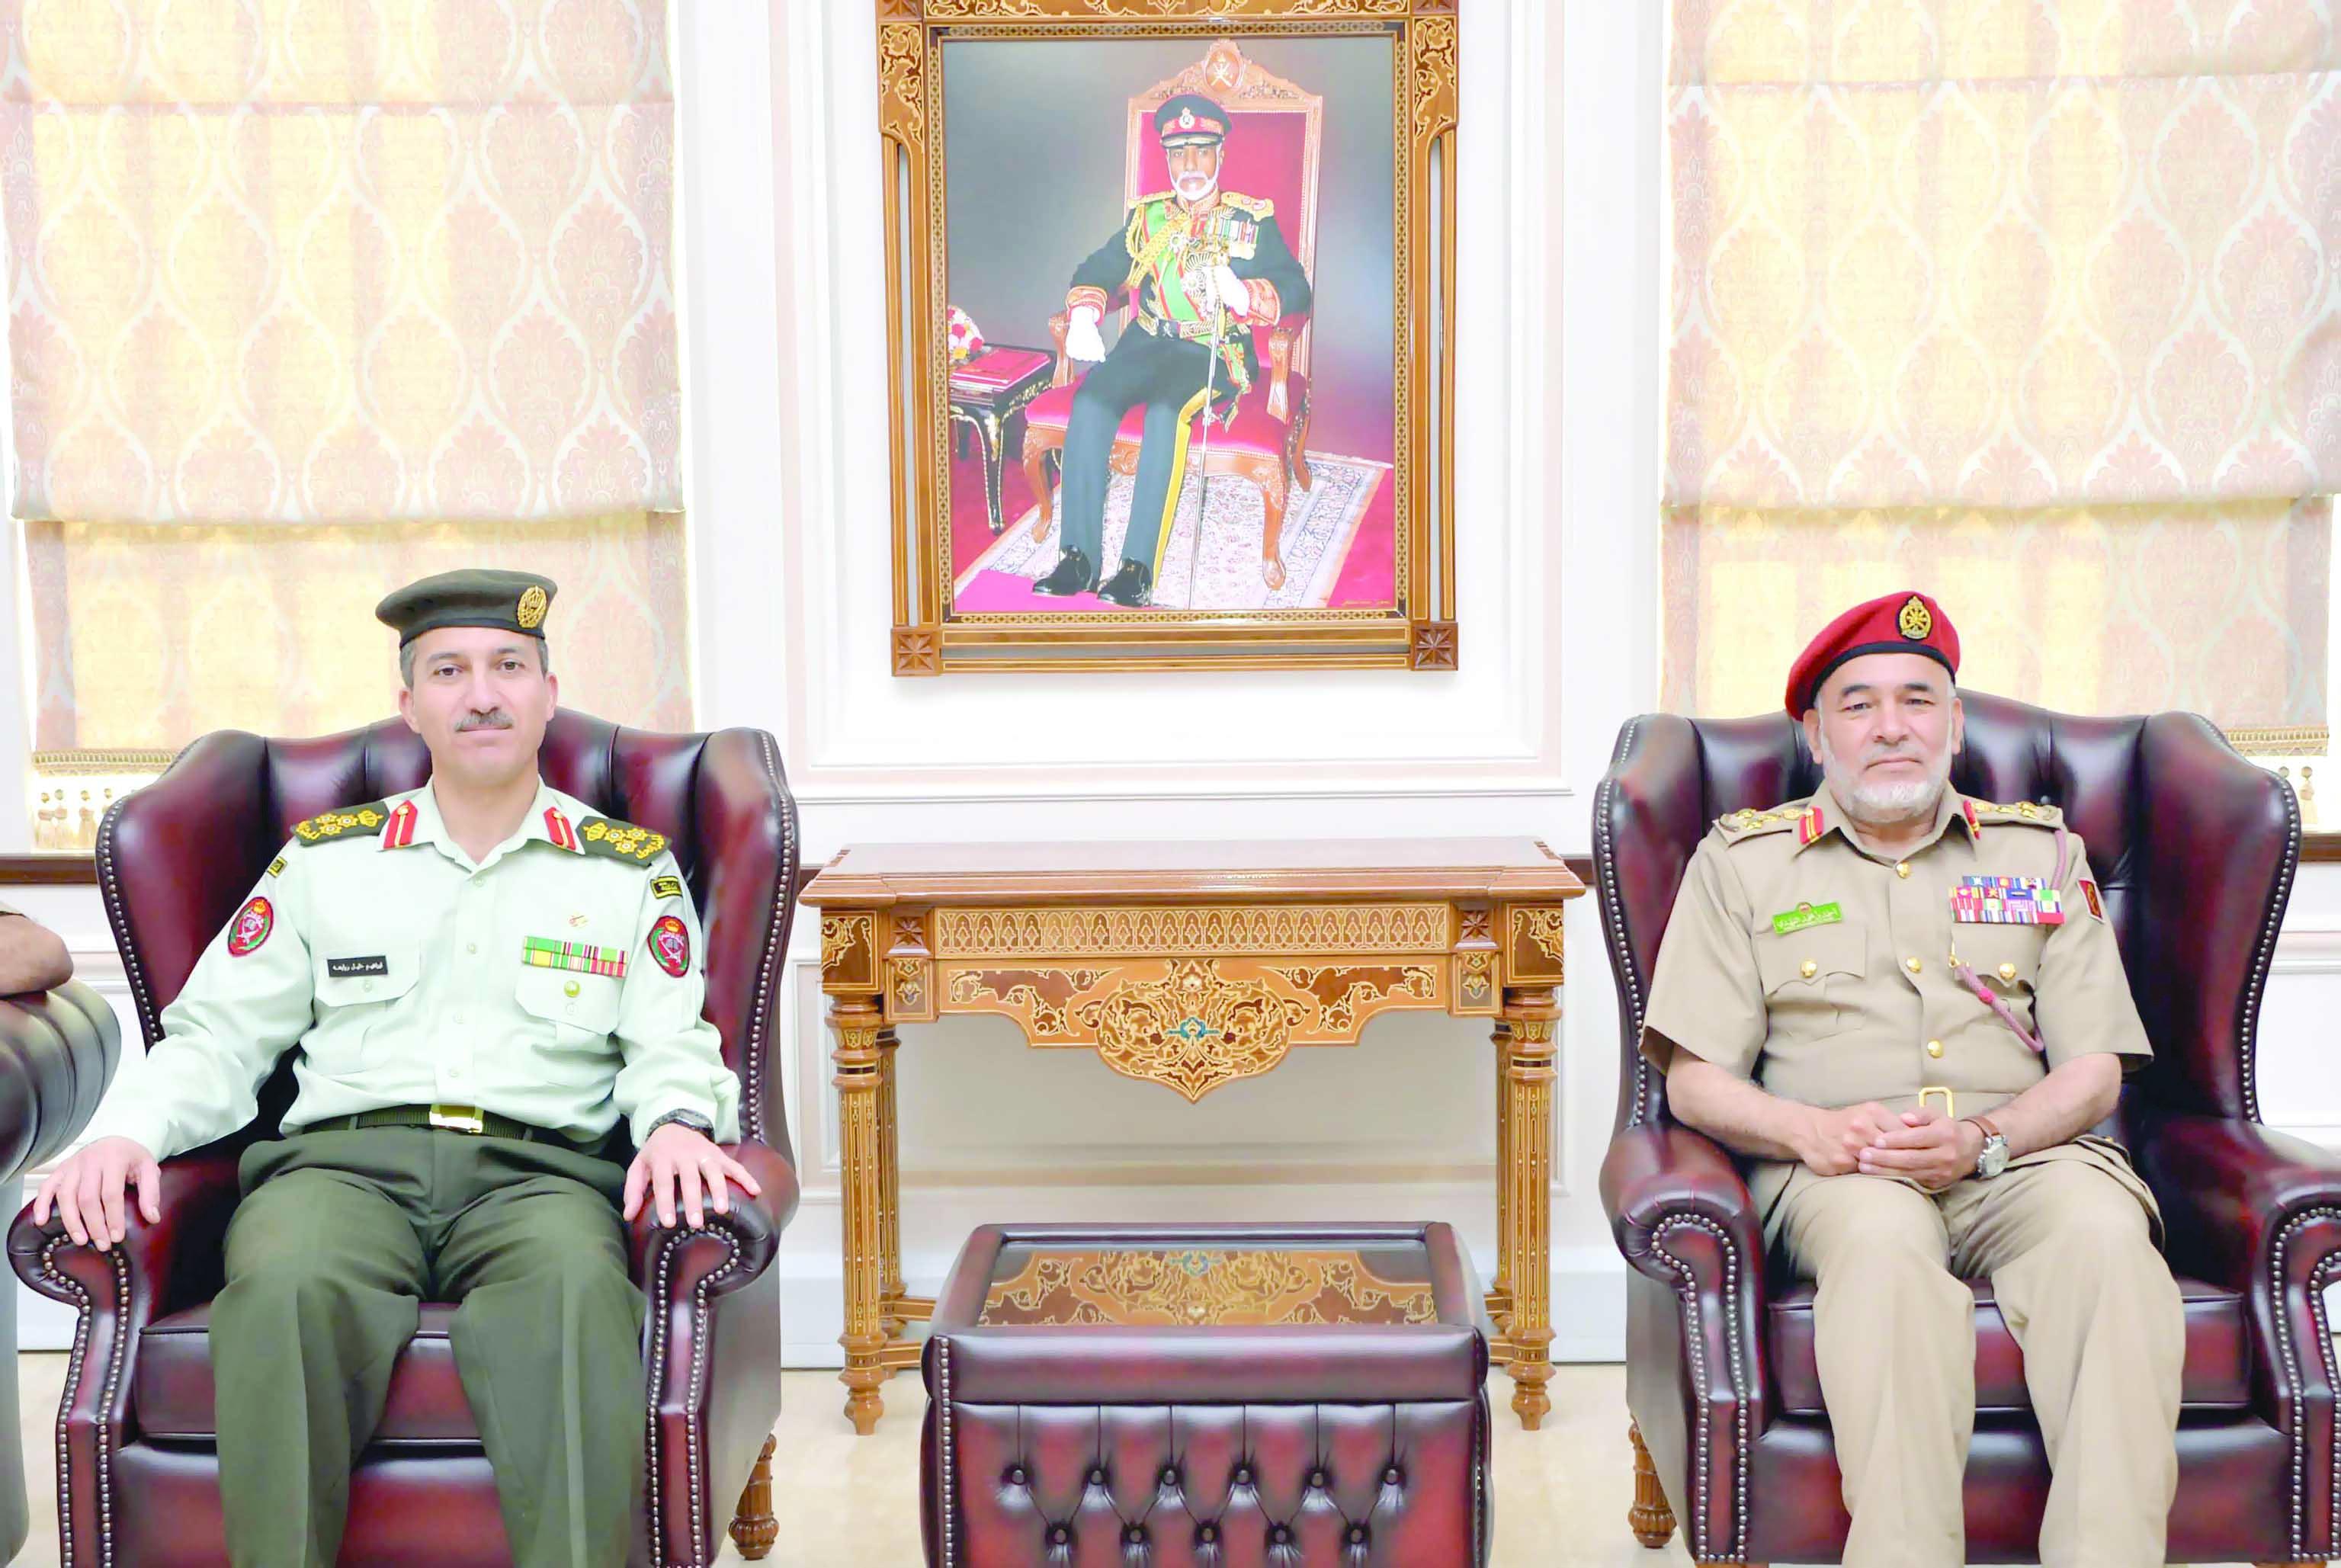 قام بزيارة كلية القيادة والأركان..وفد هيئة التوجيه والأركان الملكيةالأردنية يزور كلية الدفاع الوطني